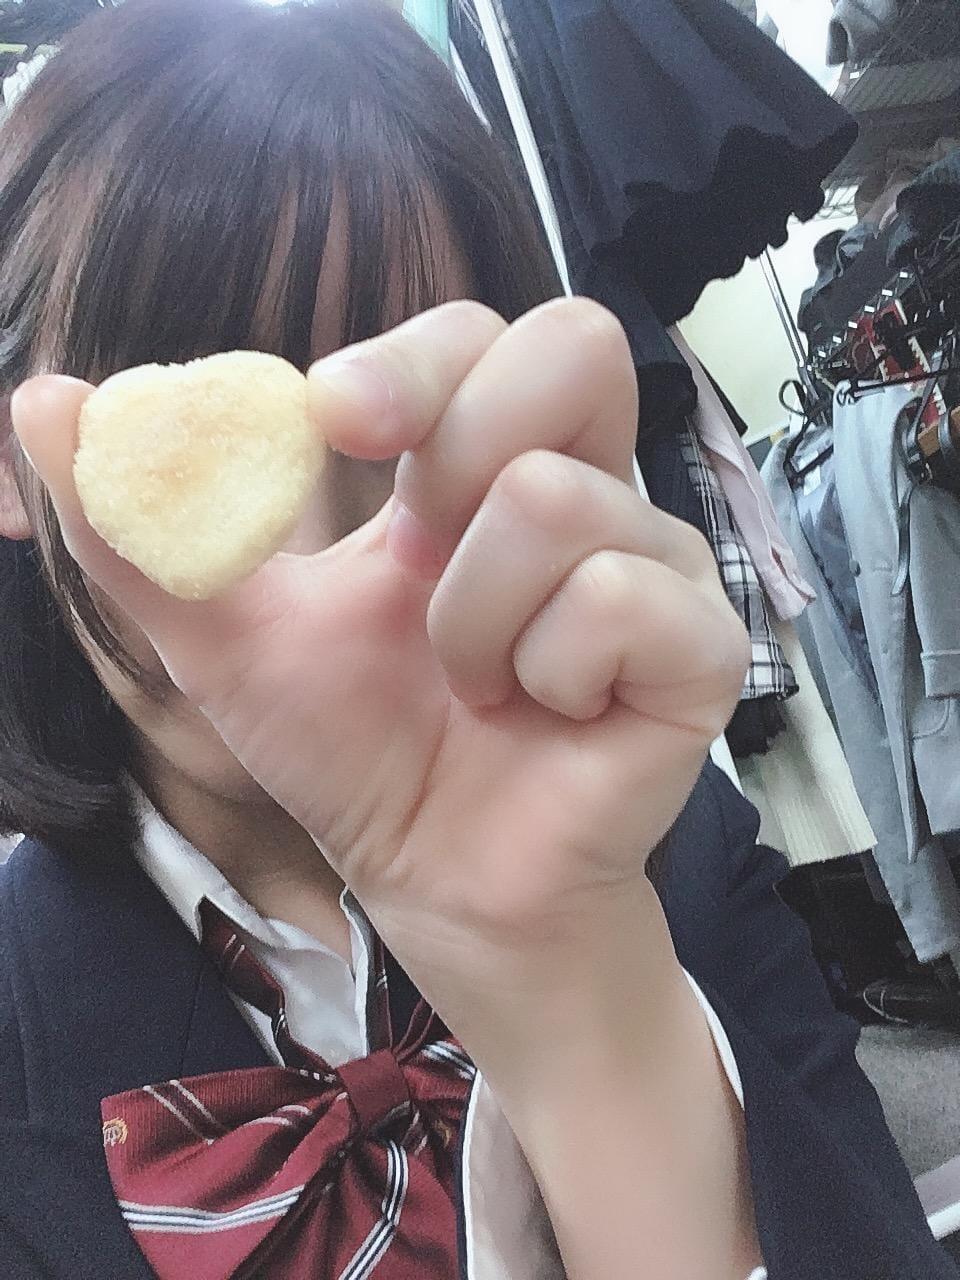 「こんにちわ」11/17(土) 17:24 | かなの写メ・風俗動画